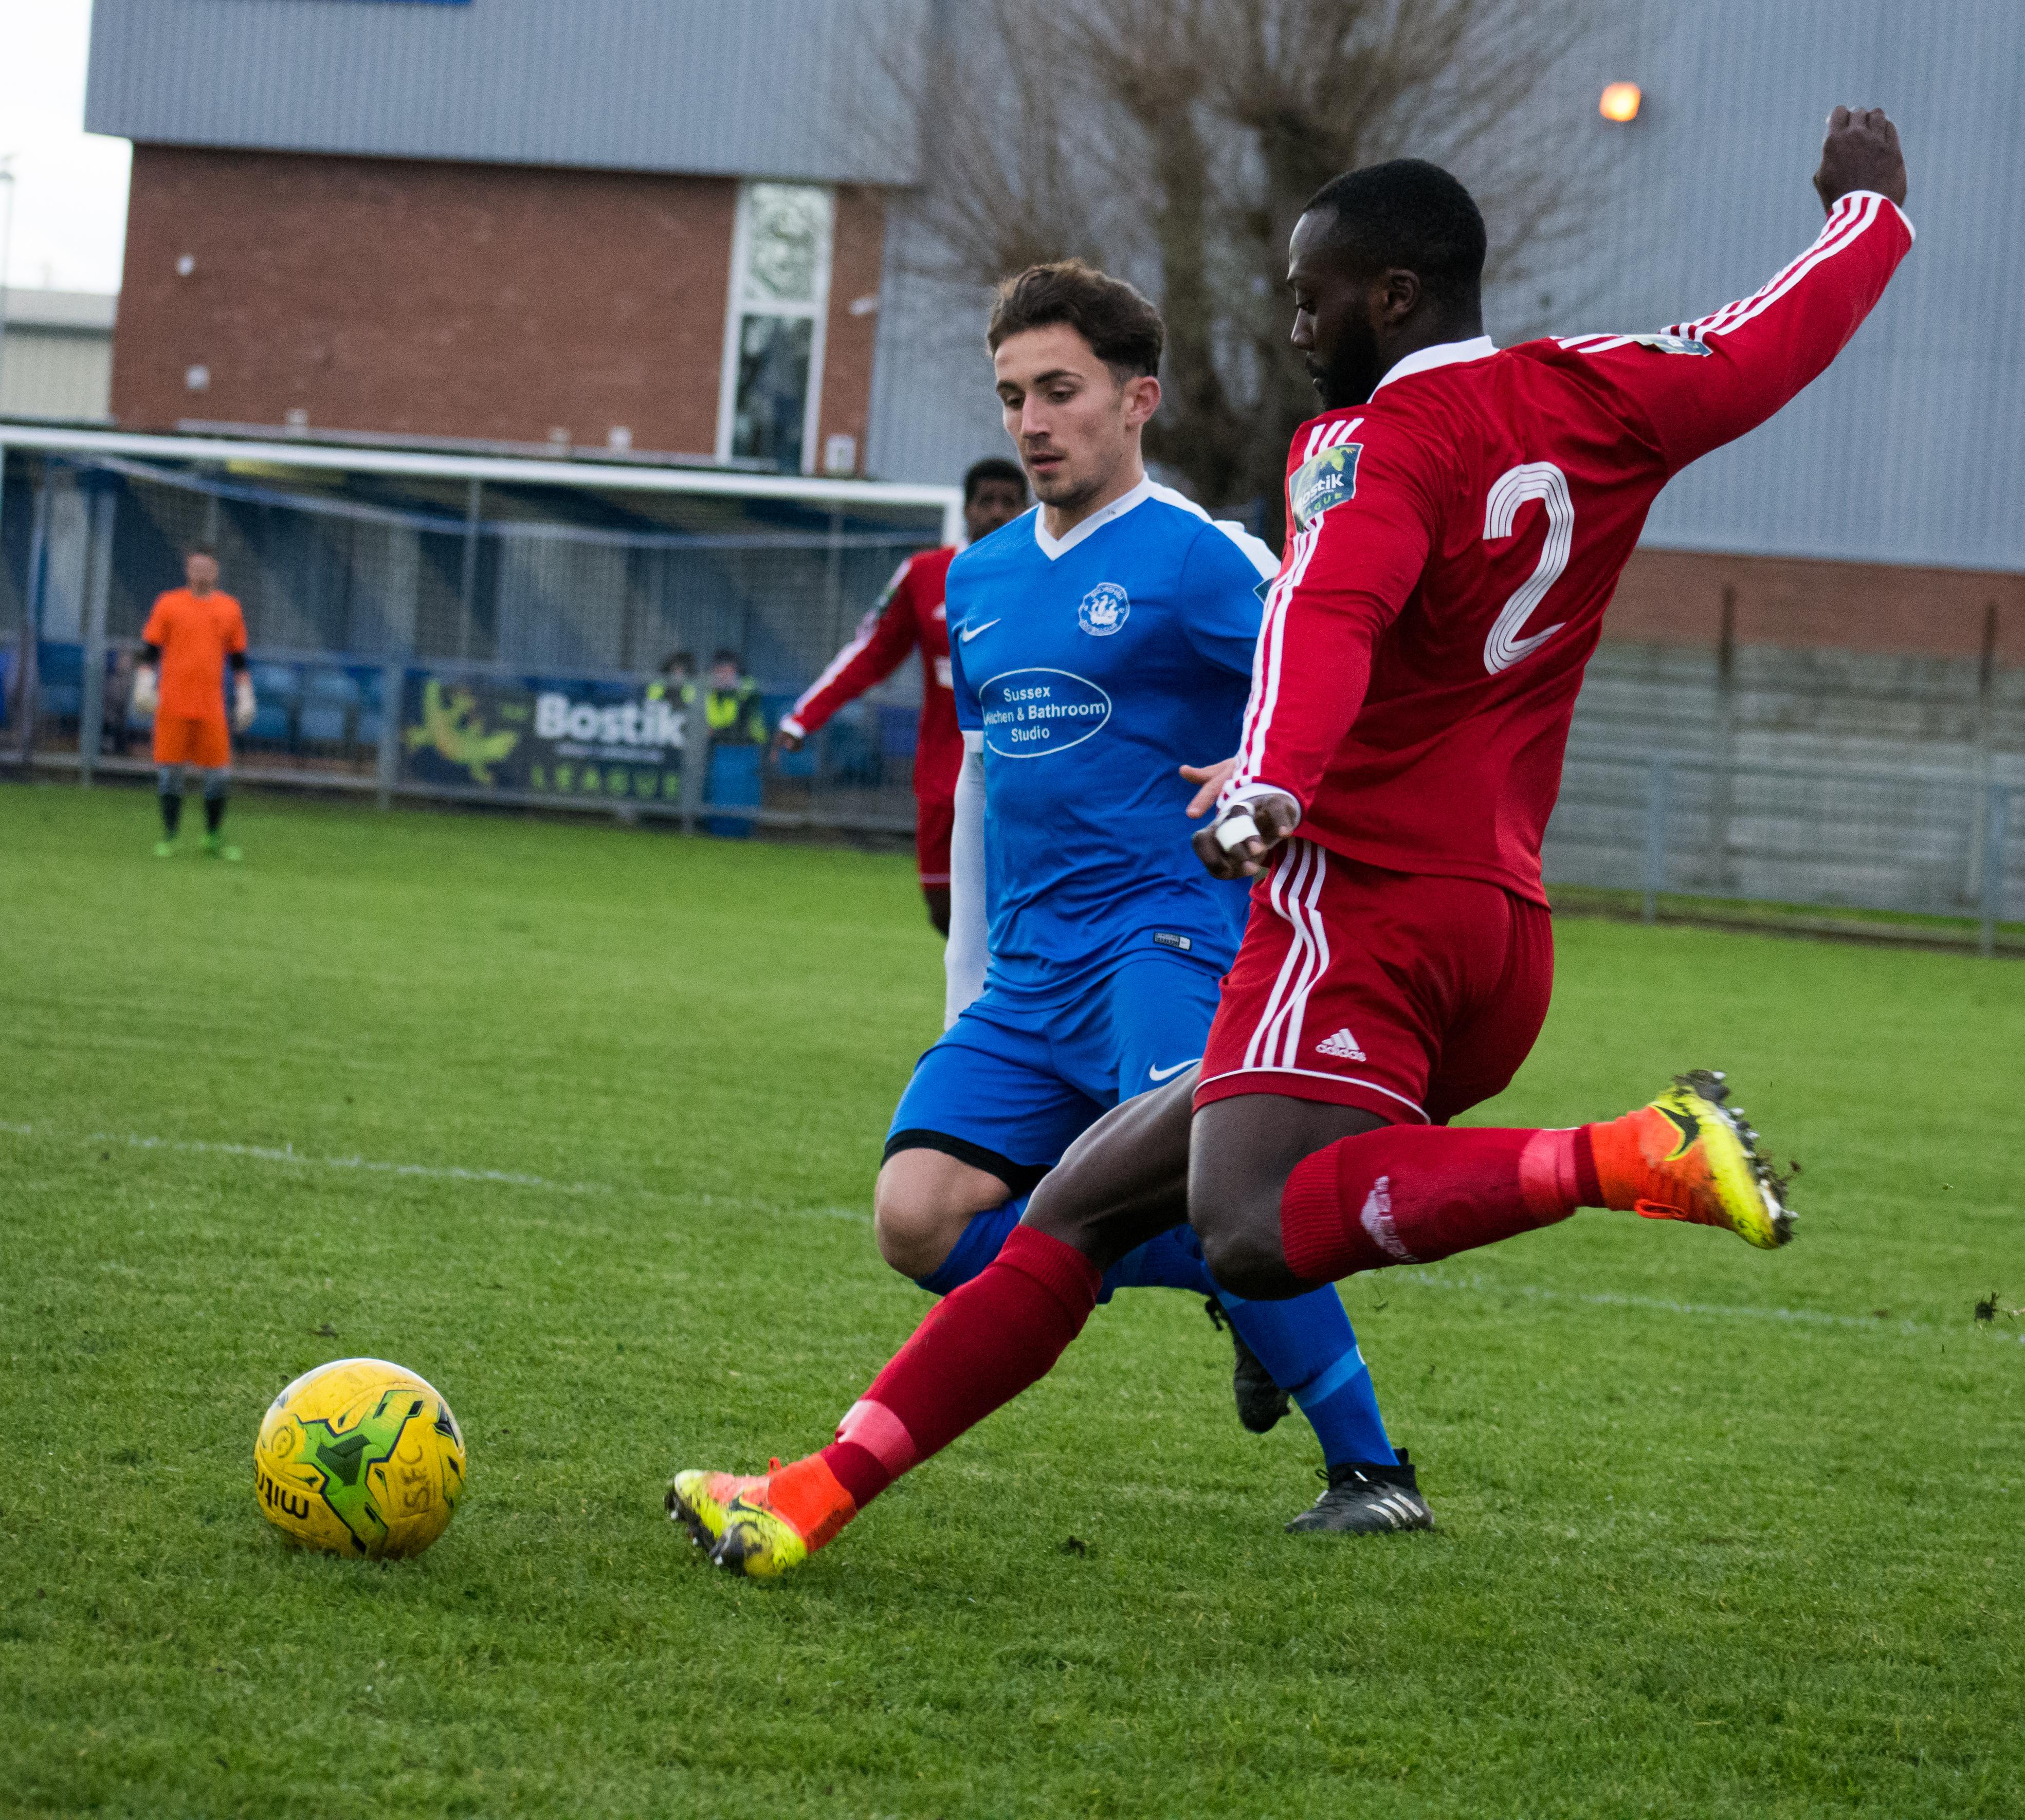 Shoreham FC vs Hythe Town 11.11.17 26